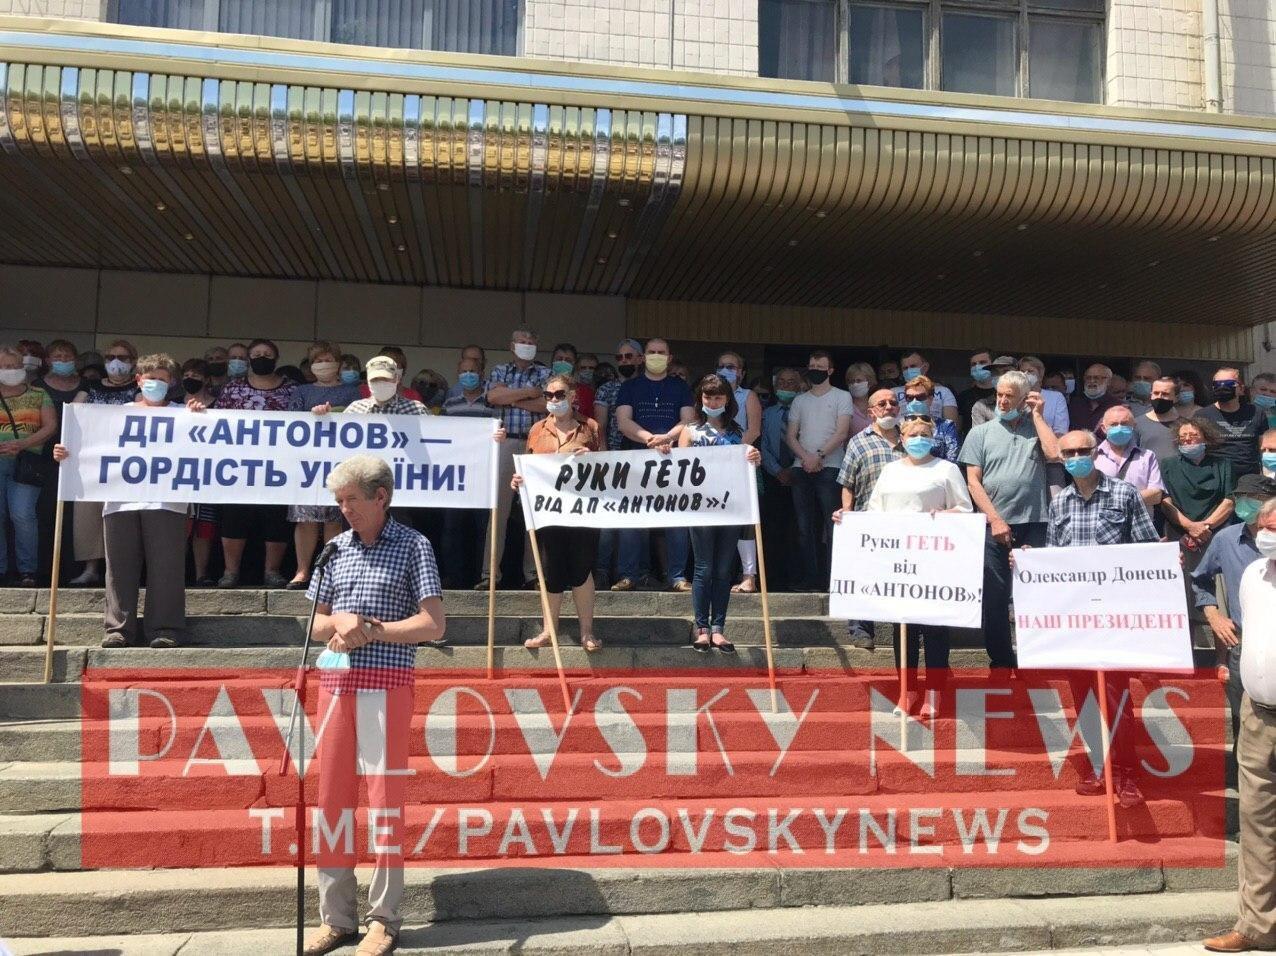 Співробітники ДП «Антонов» мітингували проти політики «Укроборонпрома» -  - photo 2020 06 09 12 34 27